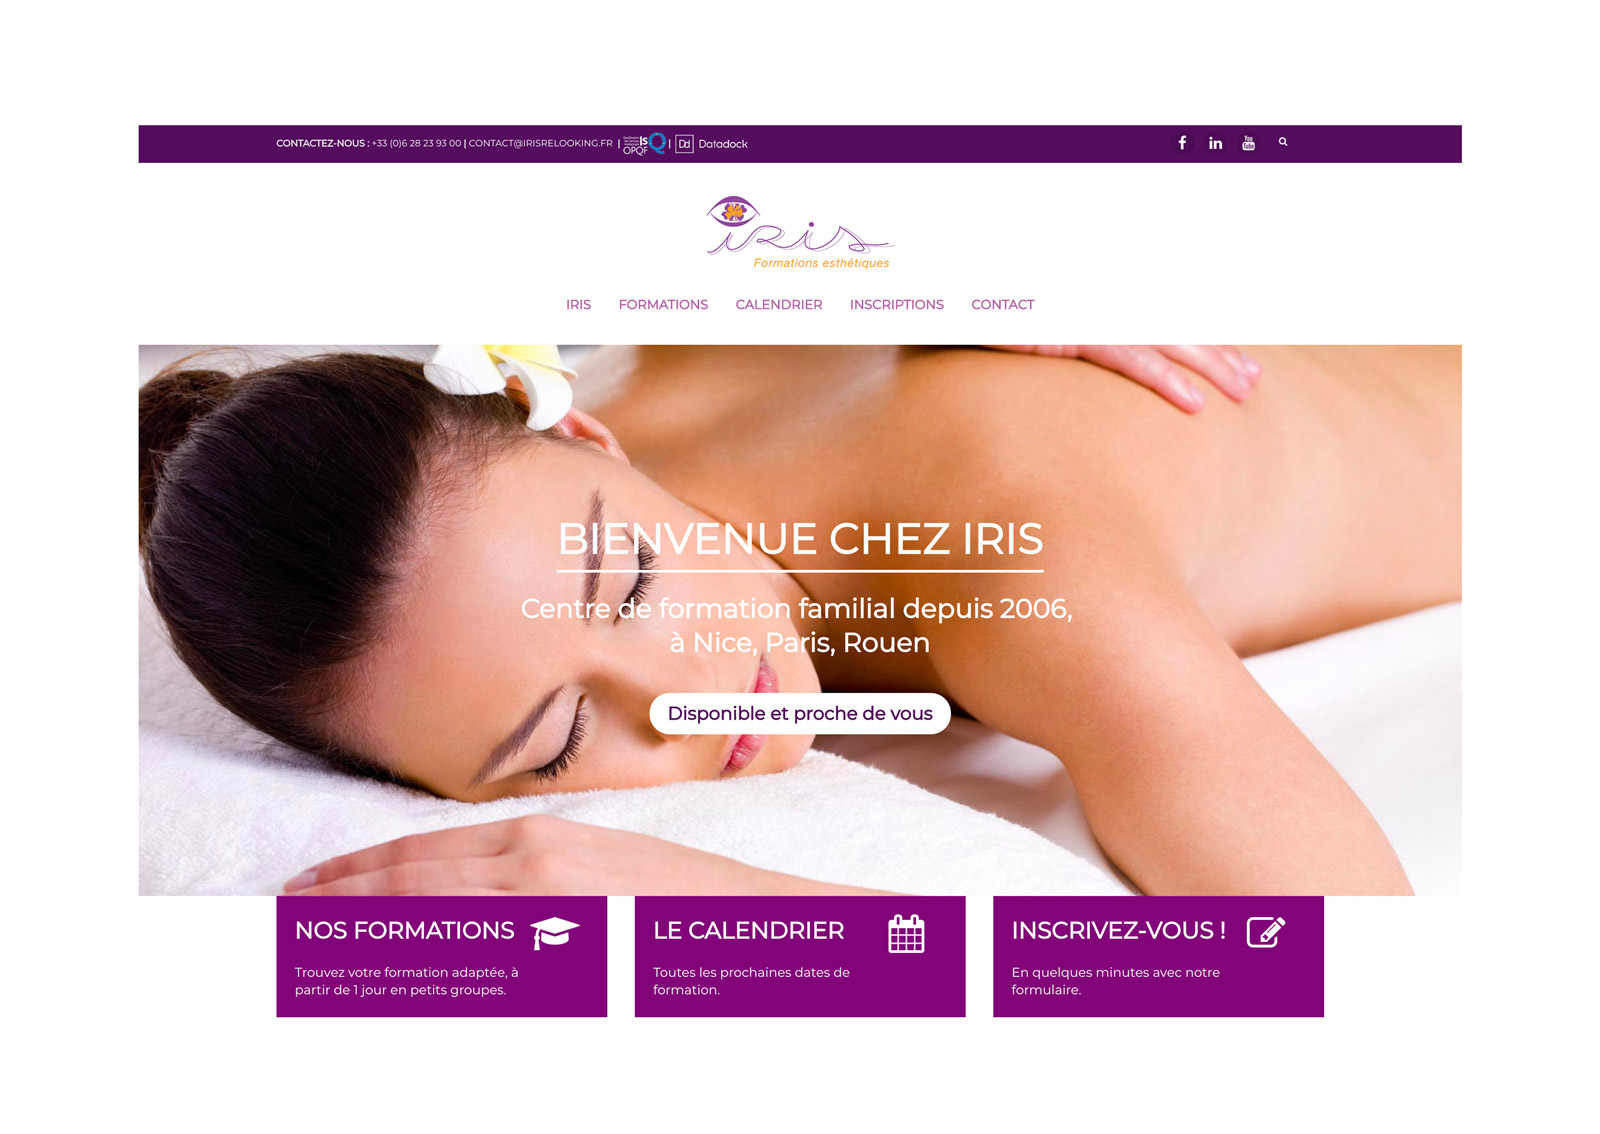 Jean Le Roy - Développeur web et consultant social medias à Biarritz - Iris Formations, calendrier et réservation en ligne